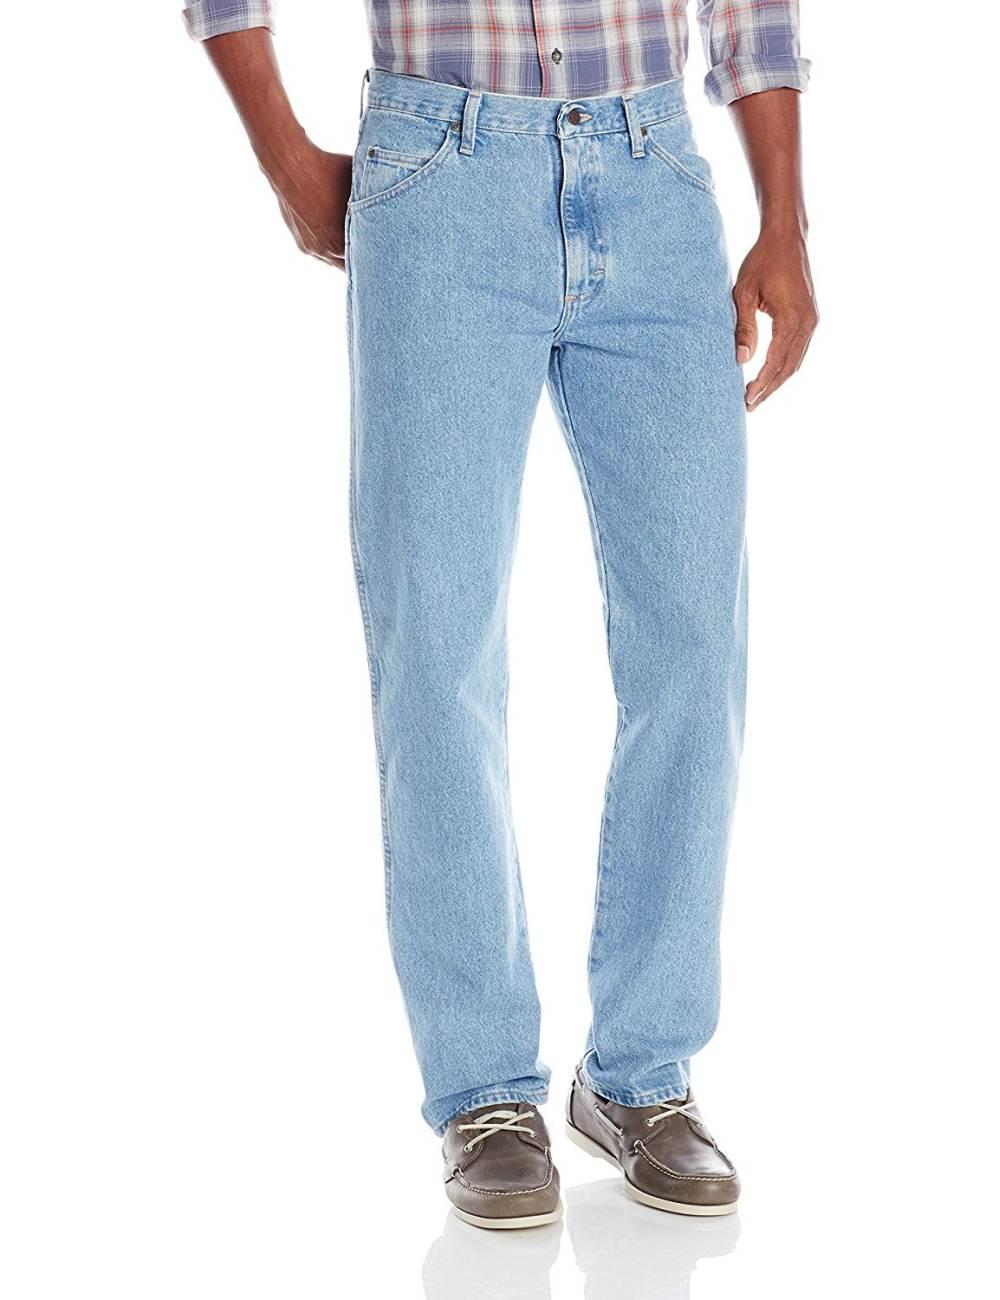 купить джинсы lee в интернет магазине дешево